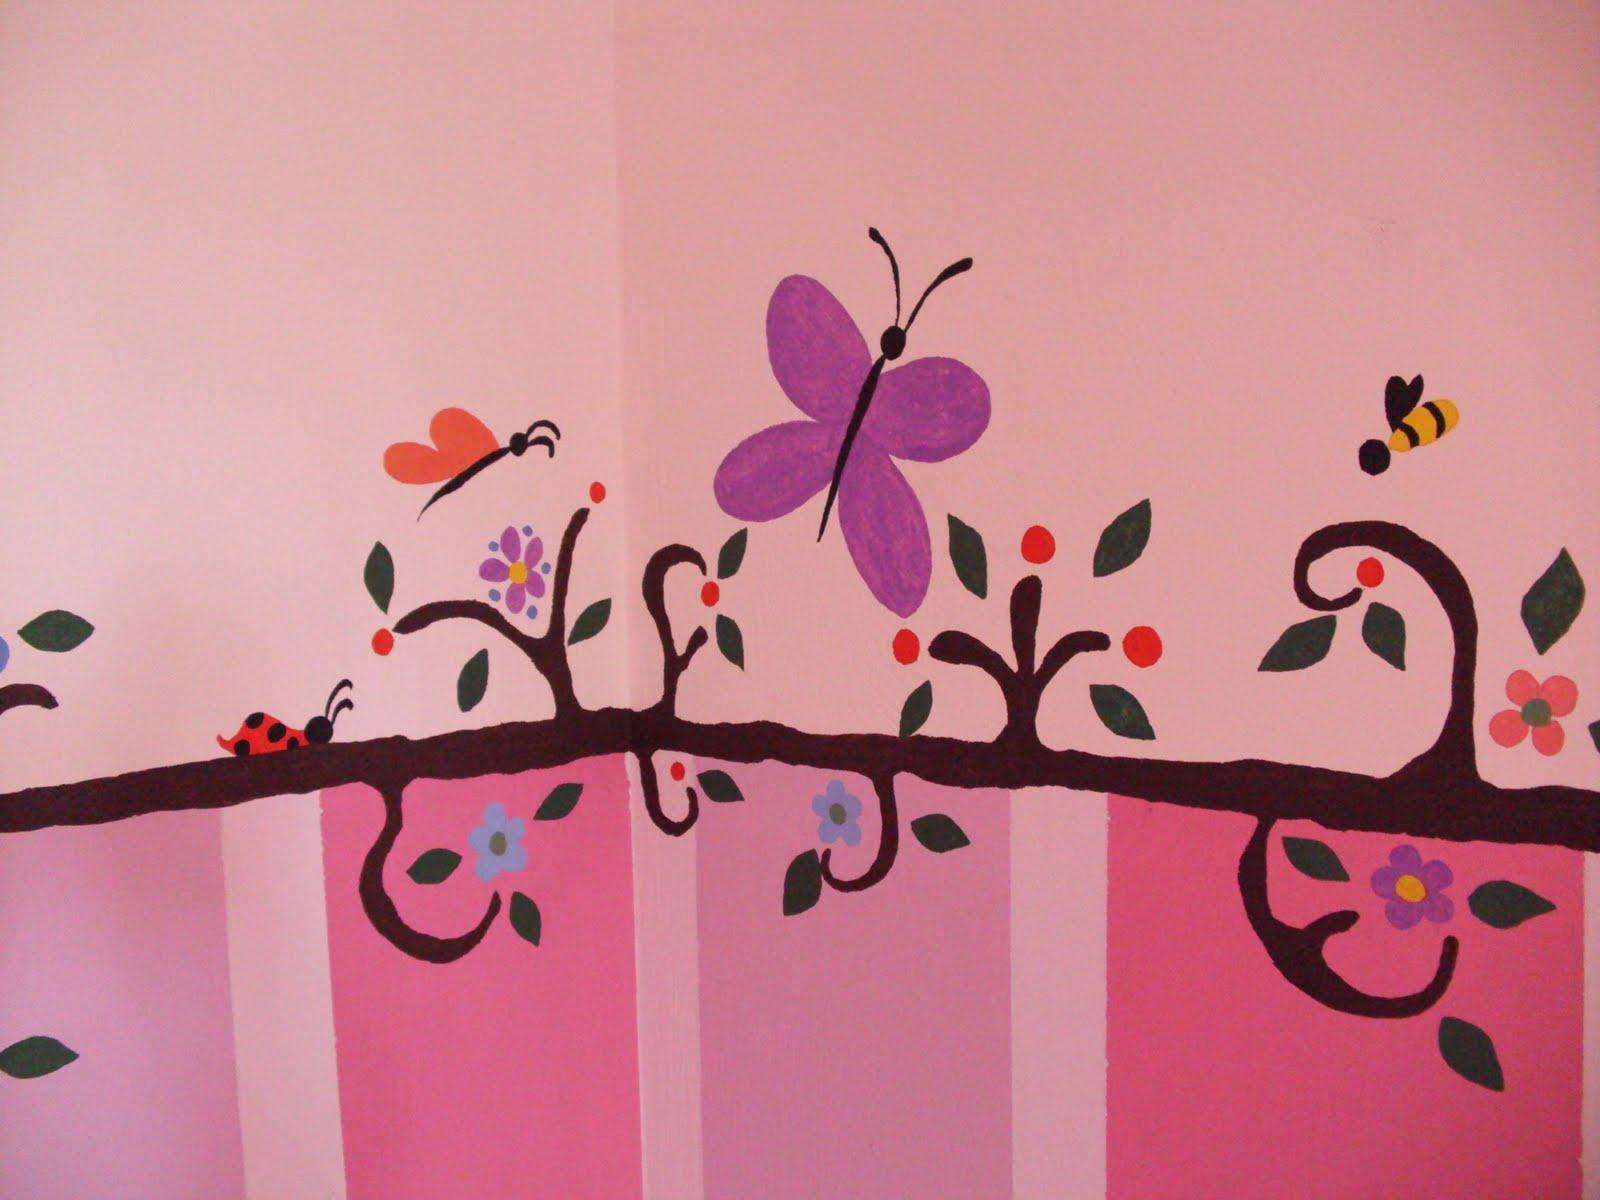 Ζωγραφική στον τοίχο του παιδικού δωματίου